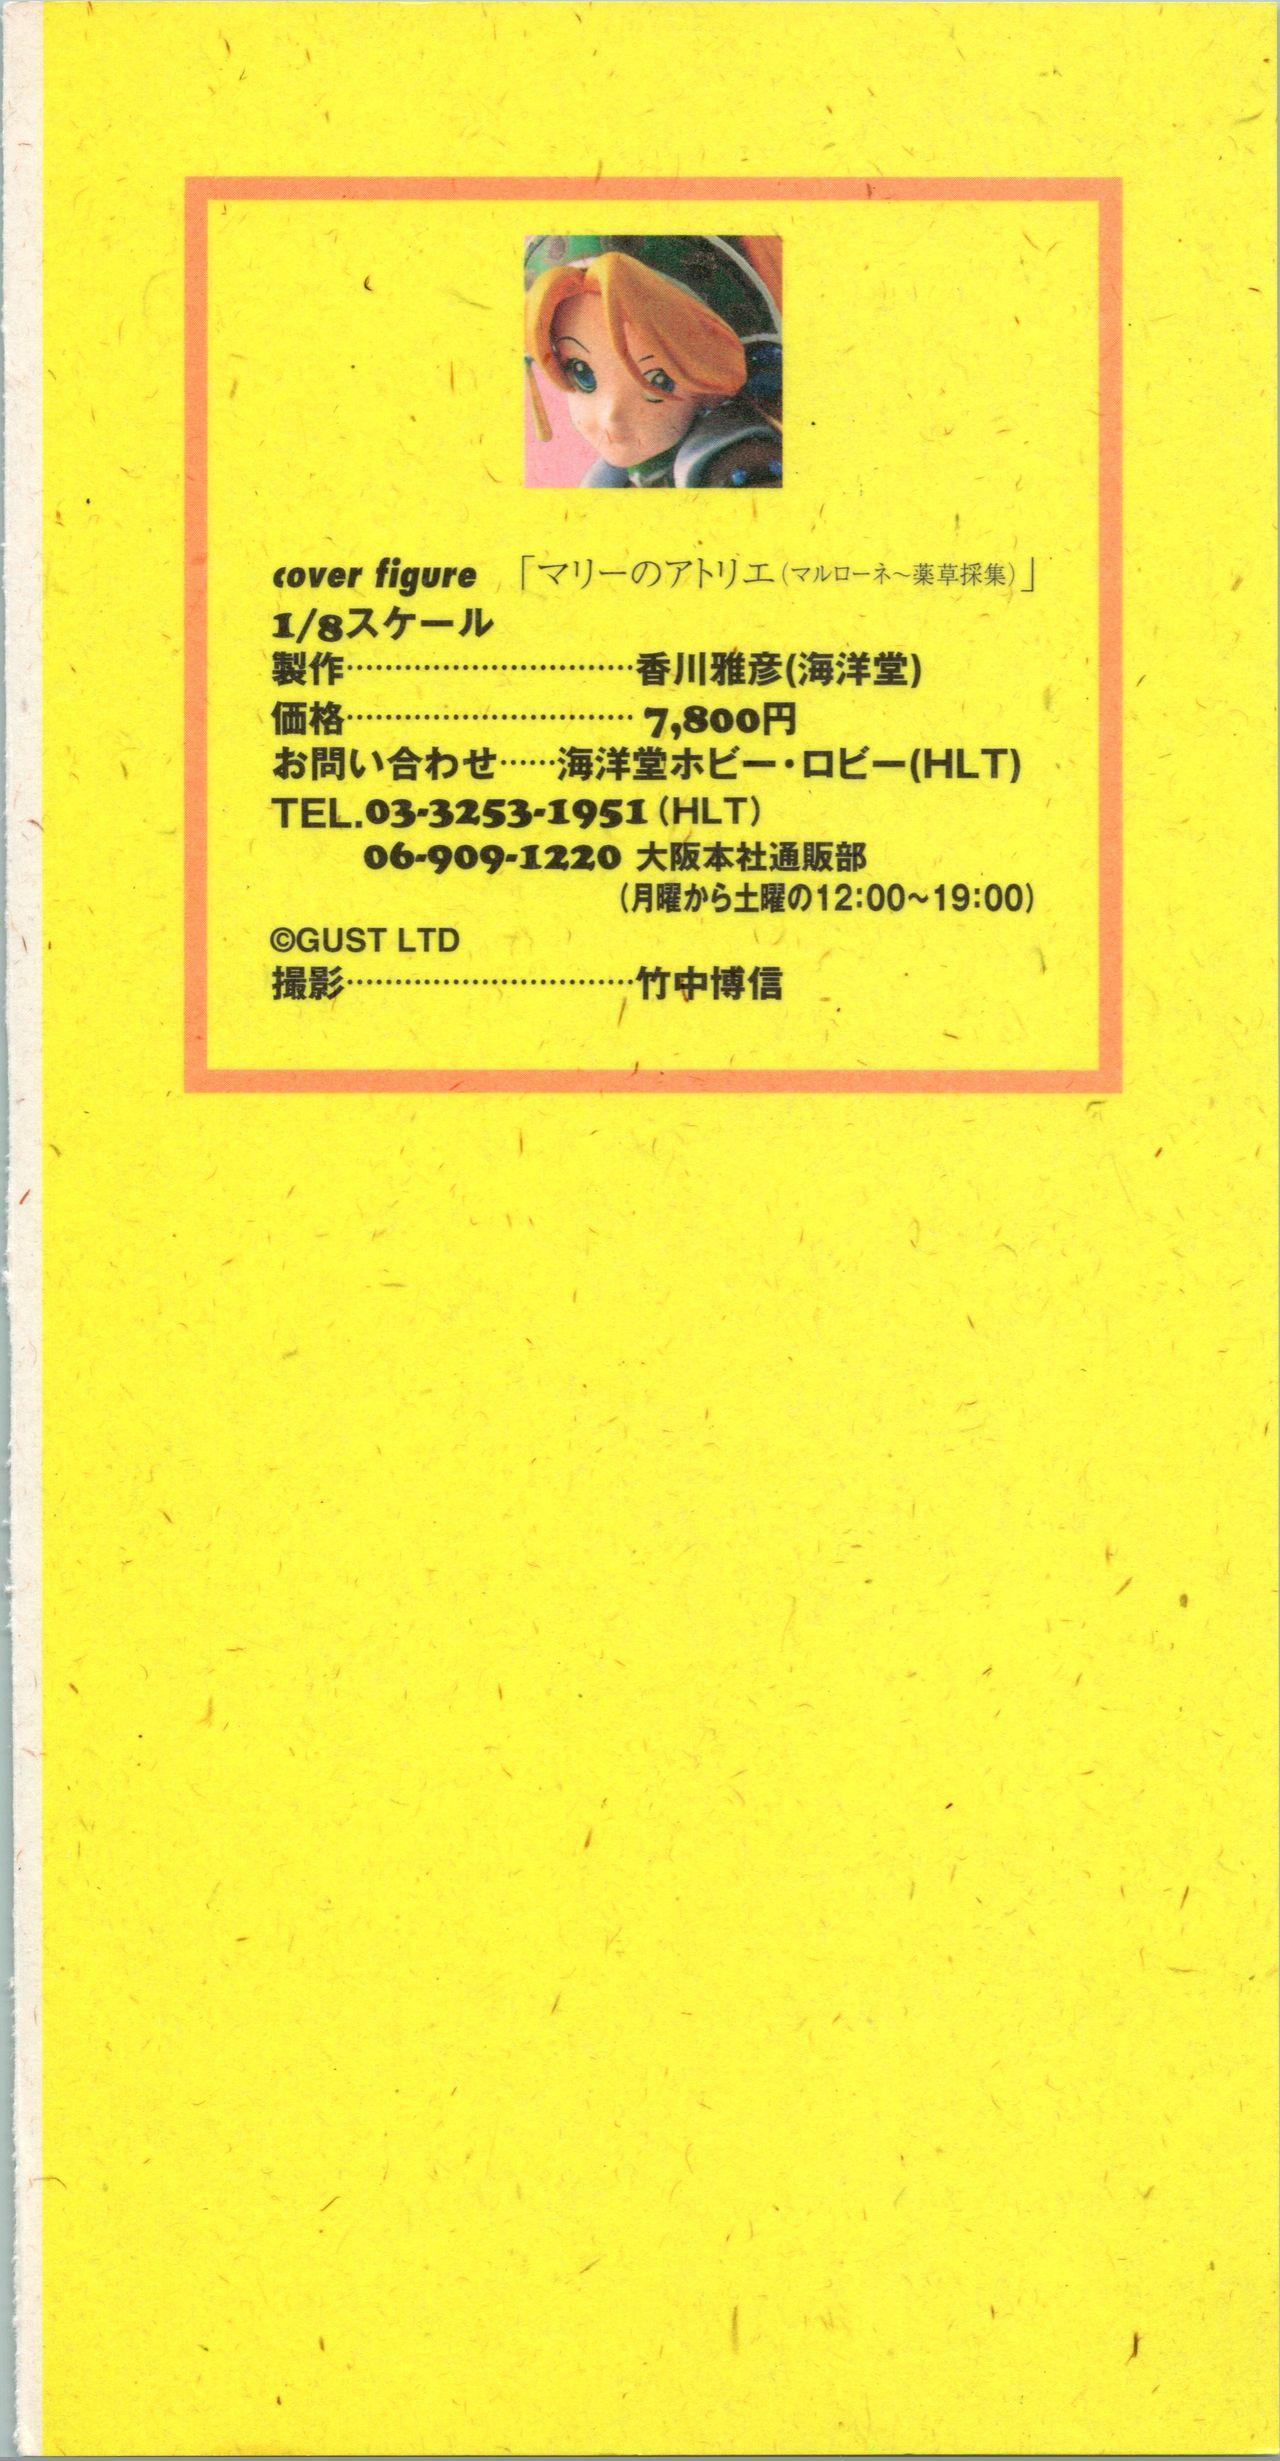 Shin Bishoujo Shoukougun 5 Fukkatsu hen 2